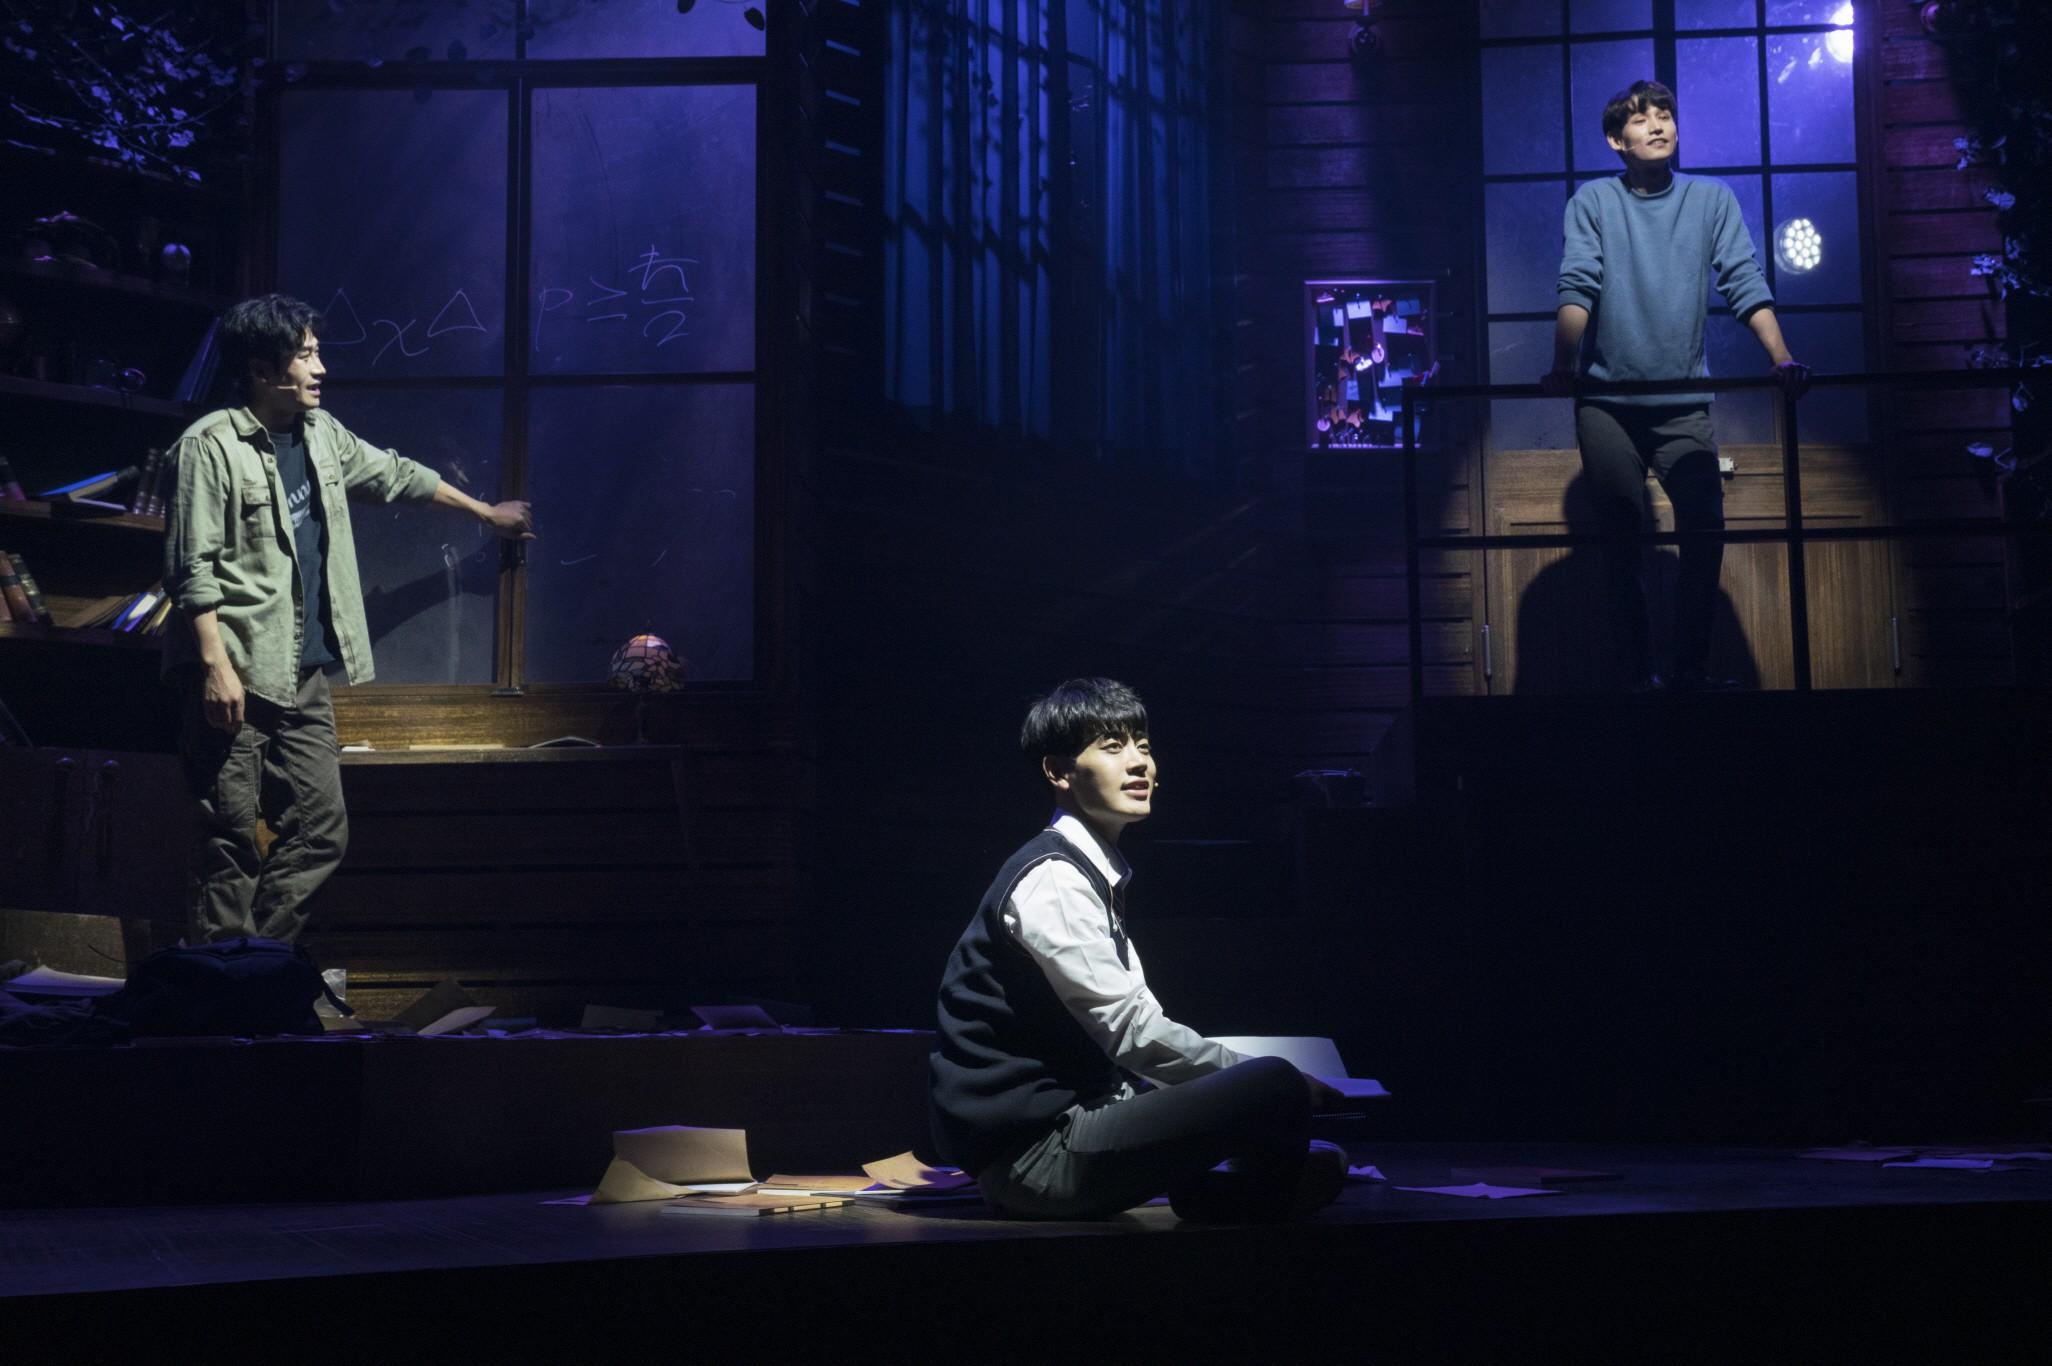 뮤지컬 '더 모먼트' 뜨거운 호평 속 개막